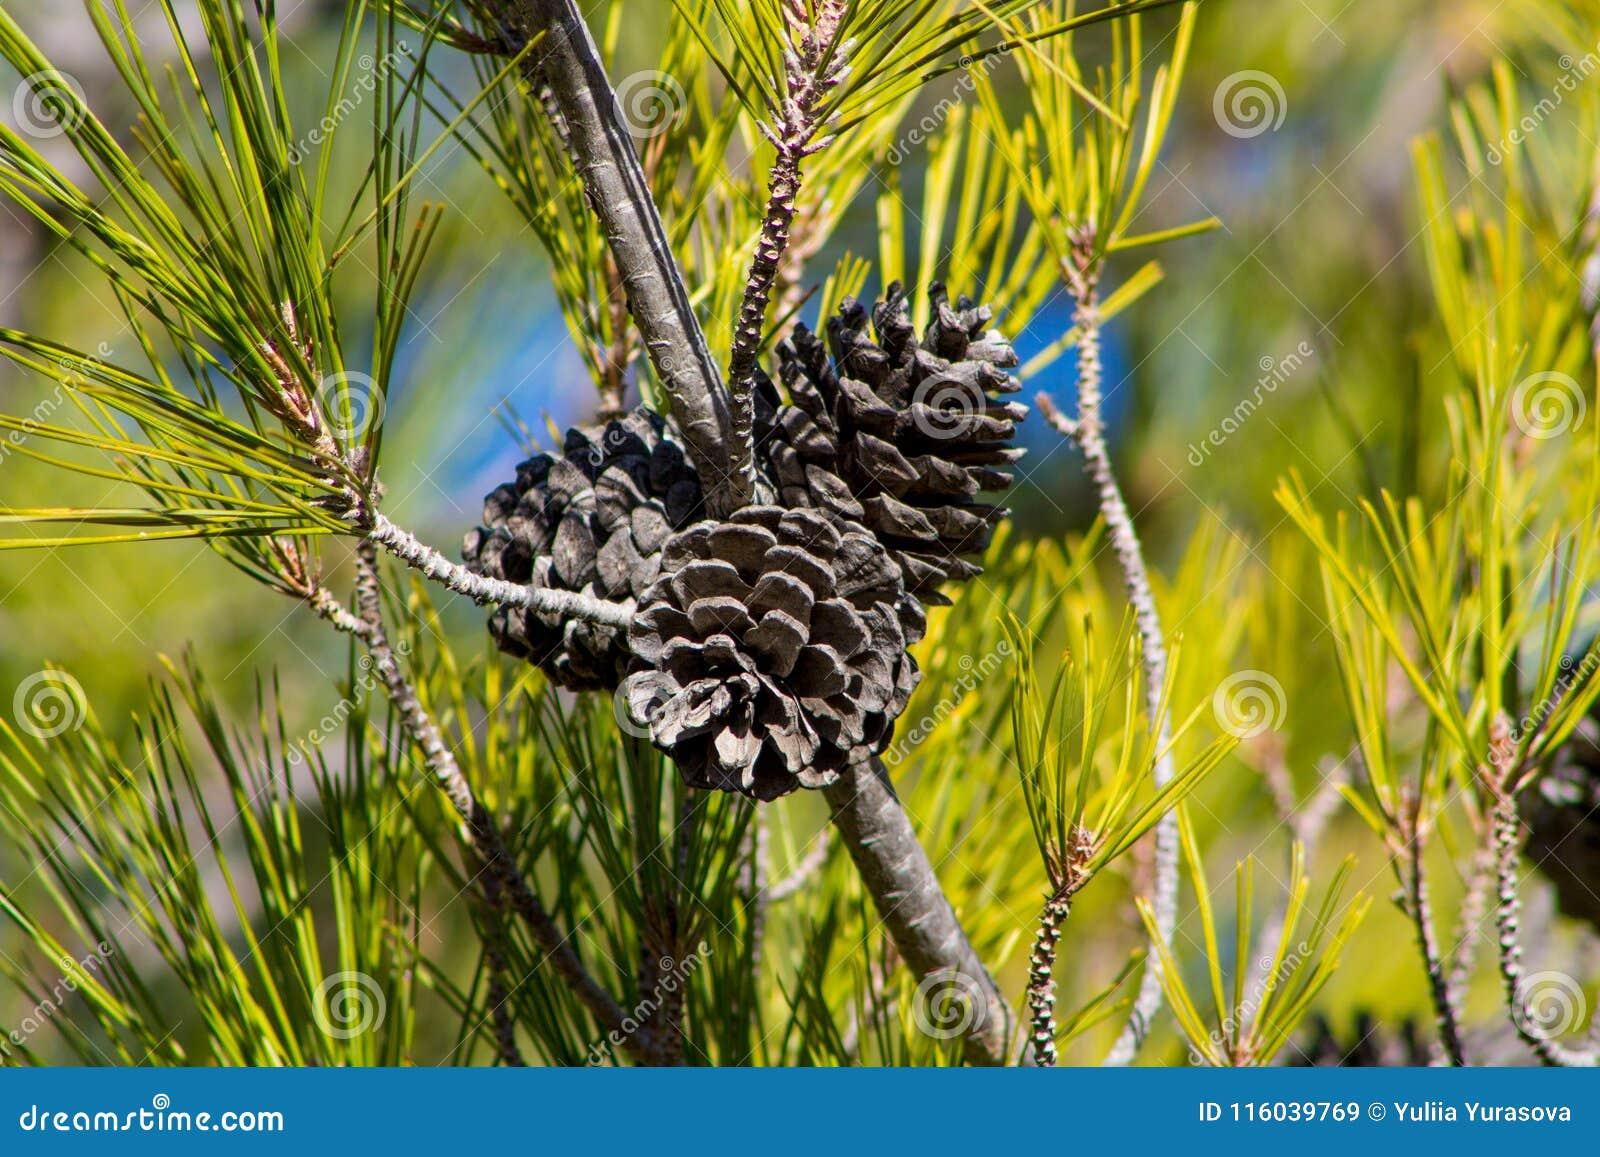 Sucha sosna konusuje na sośnie w dzikim lesie